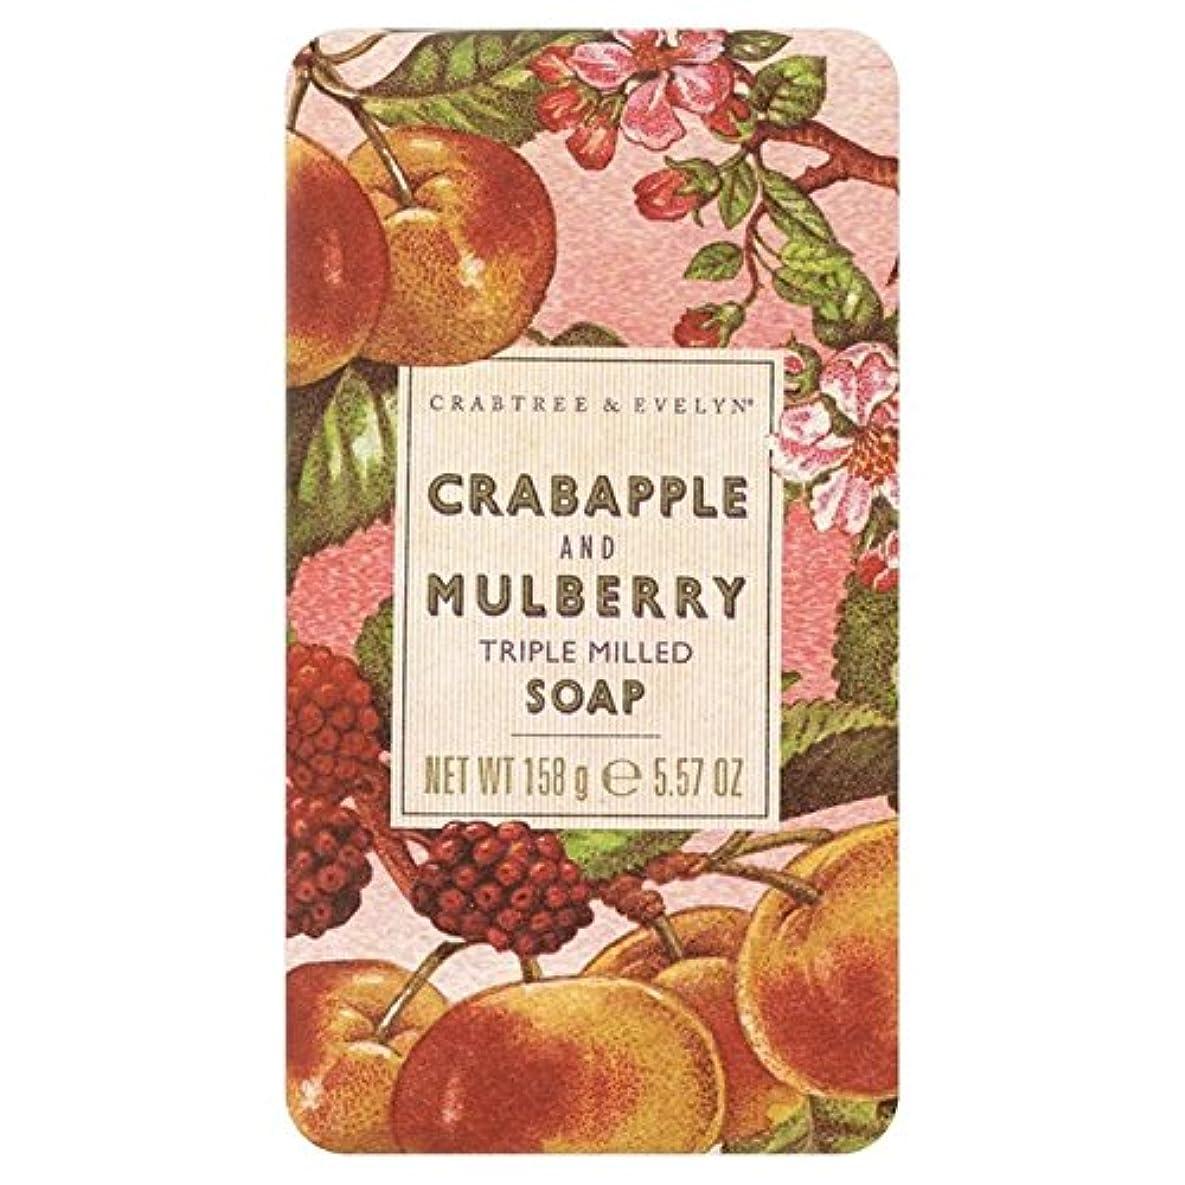 調停するトリップ楕円形クラブツリー&イヴリンと桑遺産石鹸150グラム x2 - Crabtree & Evelyn Crabapple and Mulberry Heritage Soap 150g (Pack of 2) [並行輸入品]